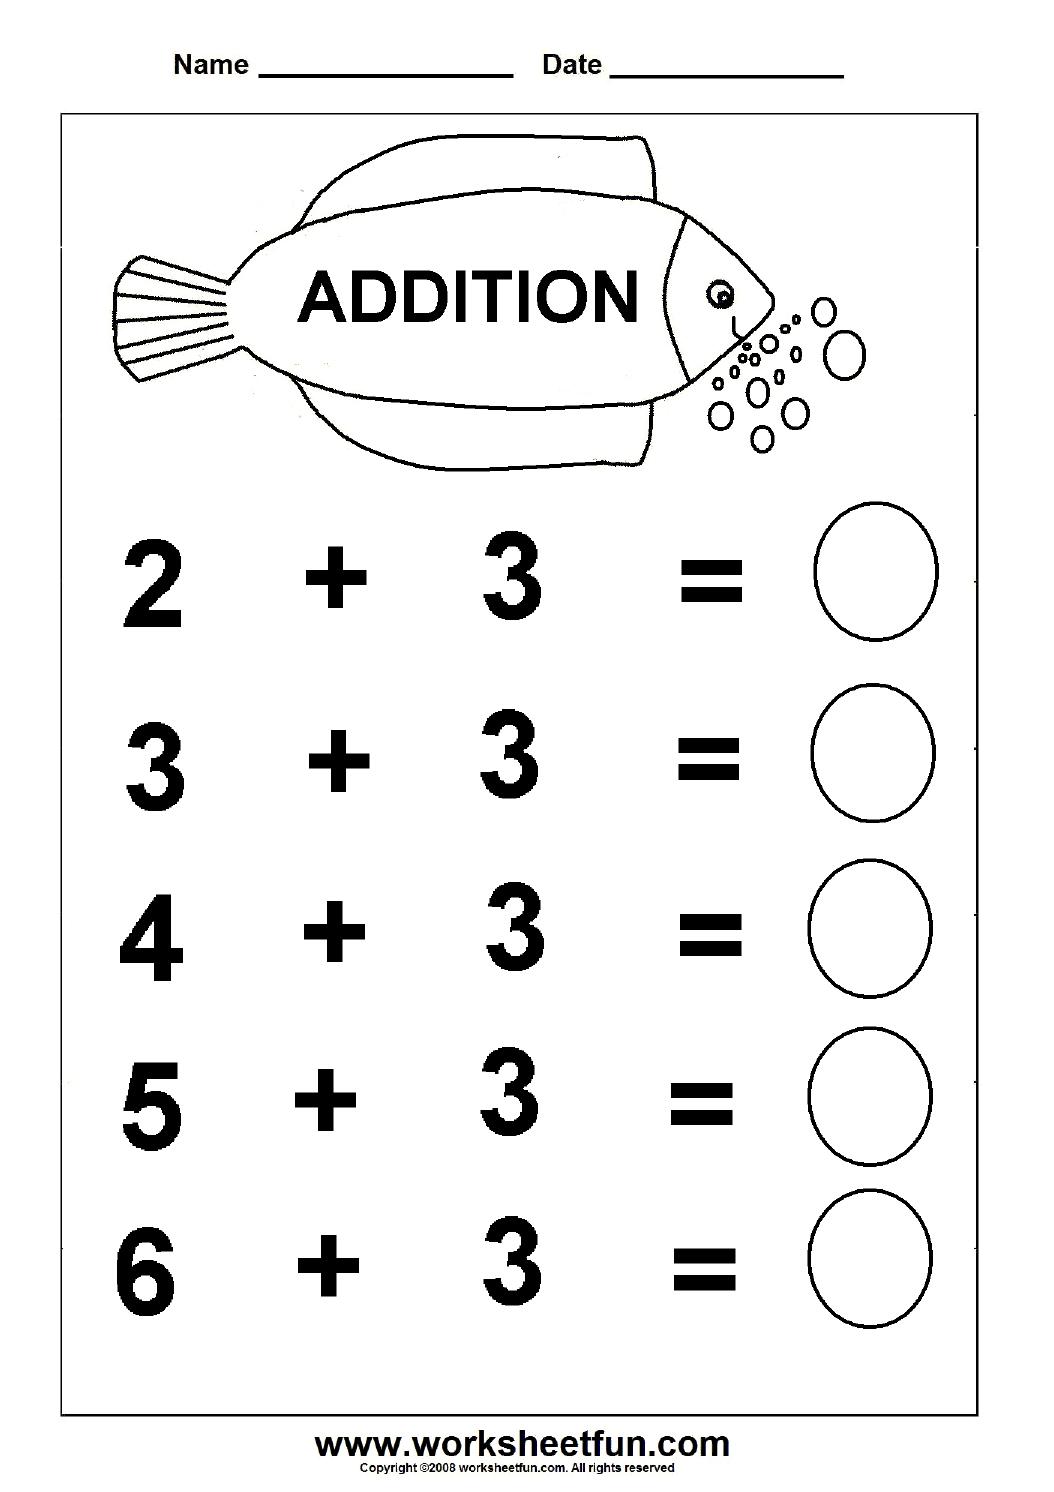 Beginner Addition – 6 Kindergarten Addition Worksheets / Free | Free Printable Simple Math Worksheets